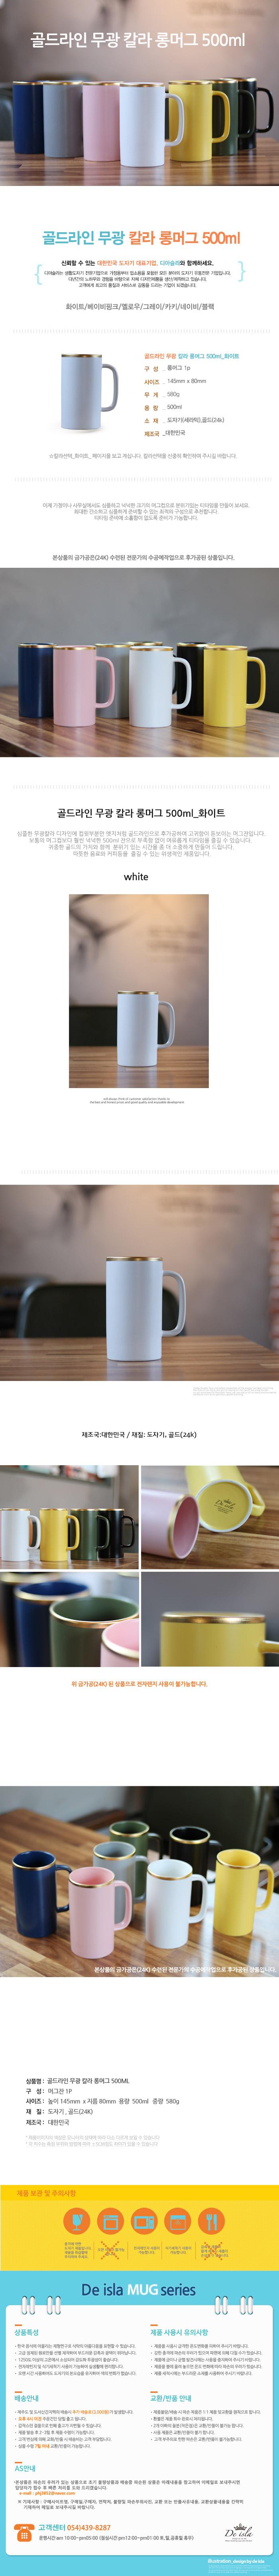 골드라인 무광칼라 롱머그 500ml_화이트 - 디아슬라, 16,000원, 머그컵, 심플머그